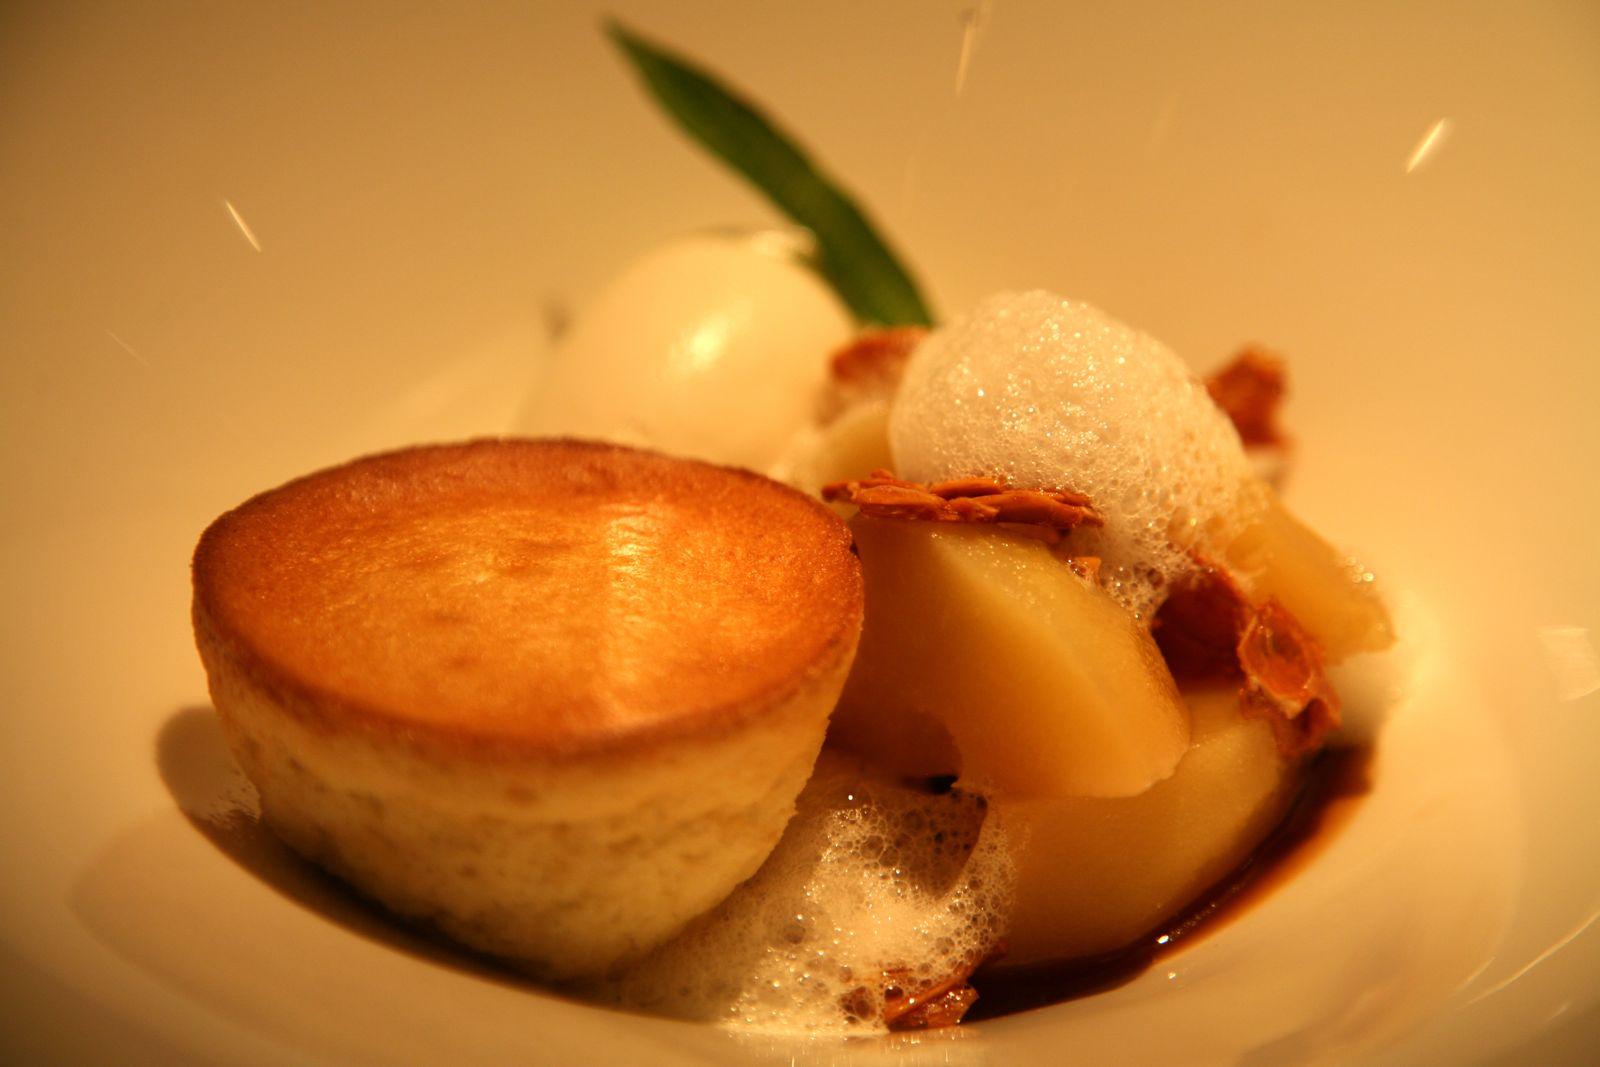 La Poire au caramel avec un soufflé et une glace à l'amande amère